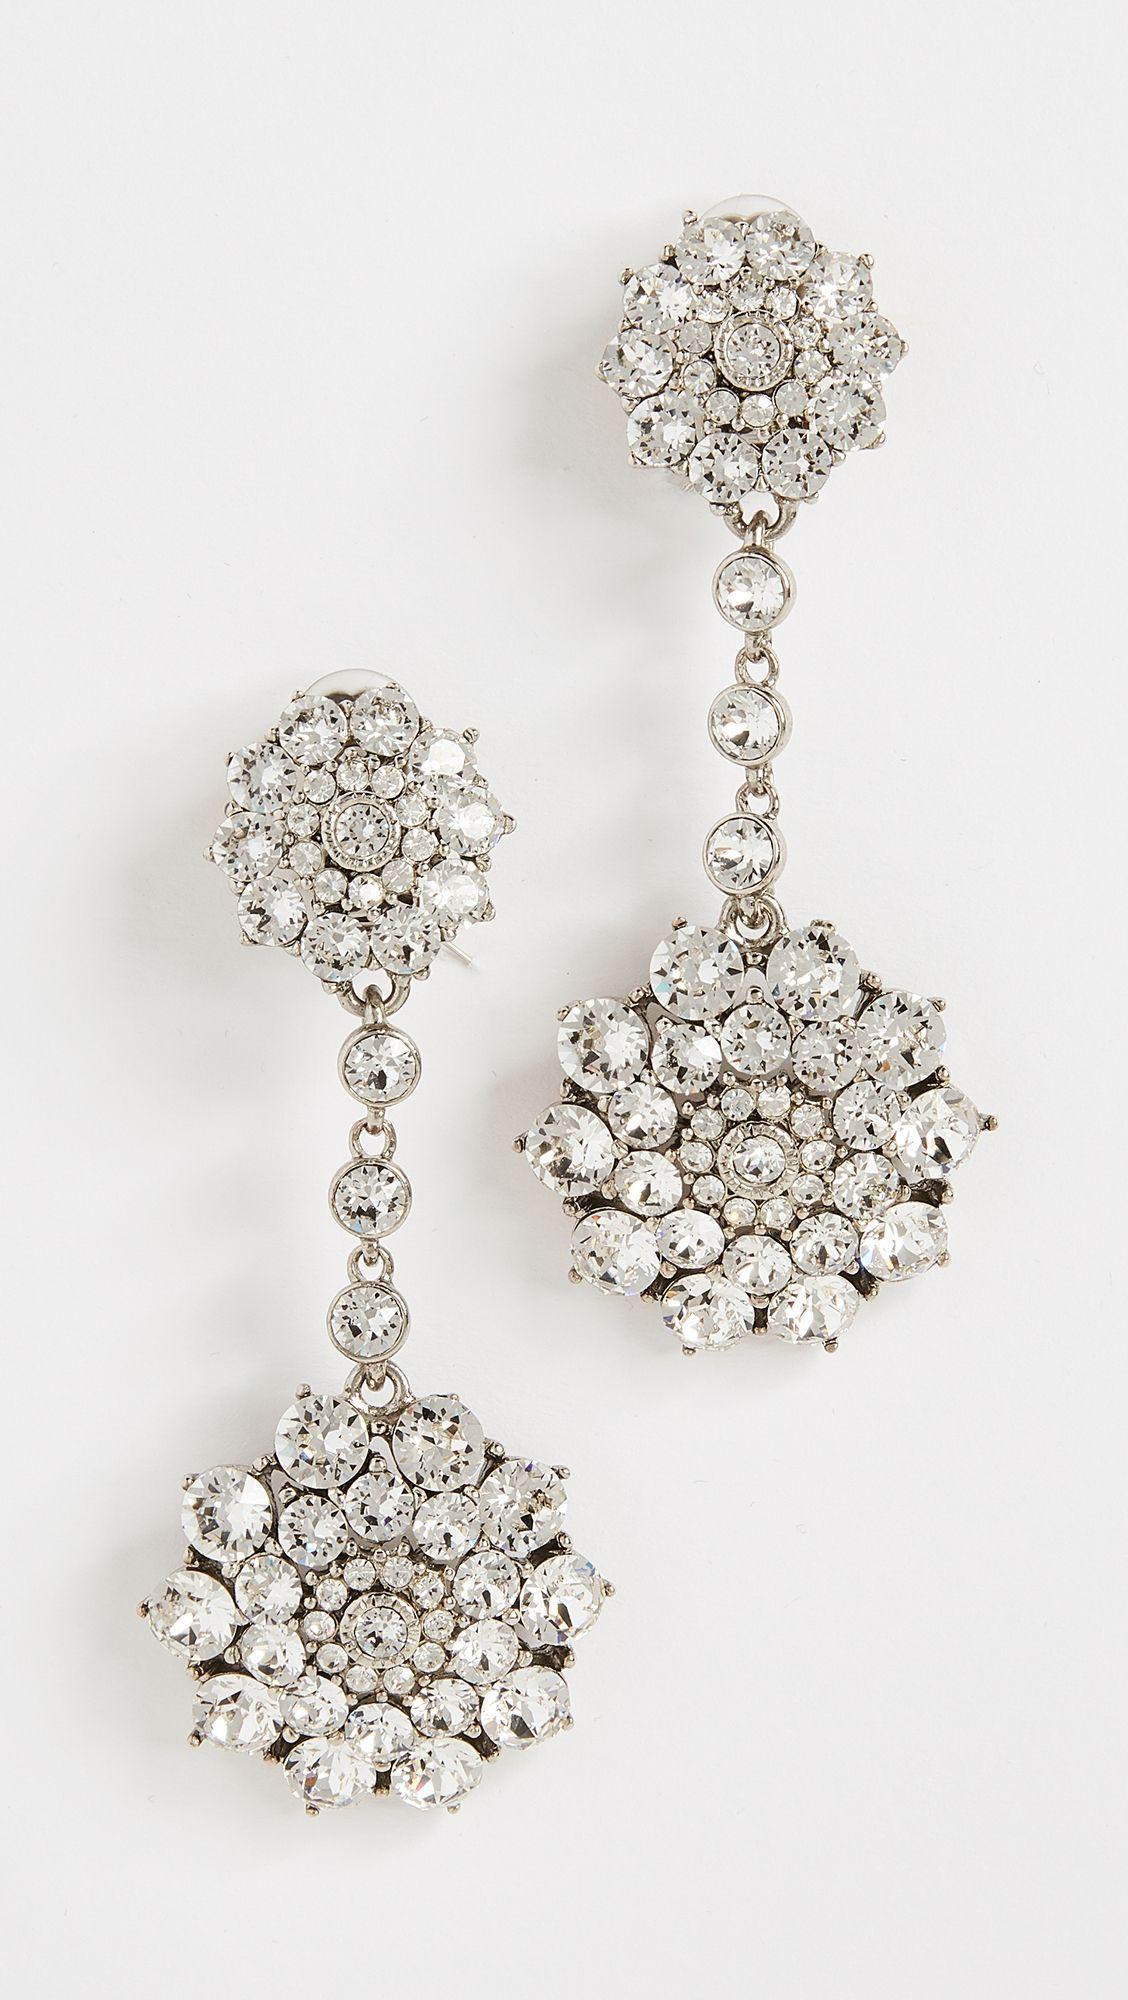 Oscar De La Renta Classic Jeweled Drop Earrings MRK39z